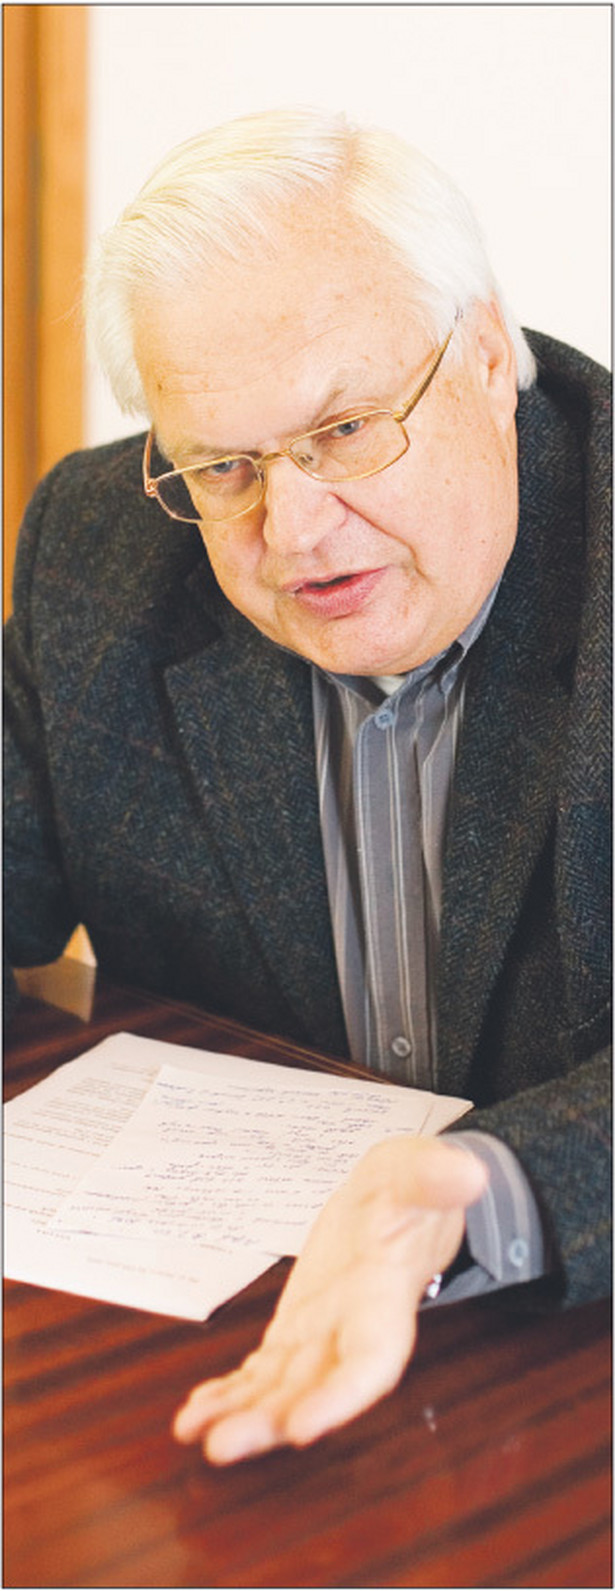 Jan Błeszyński, profesor zwyczajny na Wydziale Prawa i Administracji UW, specjalista w zakresie prawa cywilnego, autorskiego oraz własności intelektualnej, radca prawny, konsultant prawny wielu organizacji autorskich, ekspert rządowy i parlamentarny przy pracach nad nowelizacją prawa autorskiego Fot. Marek Matusiak